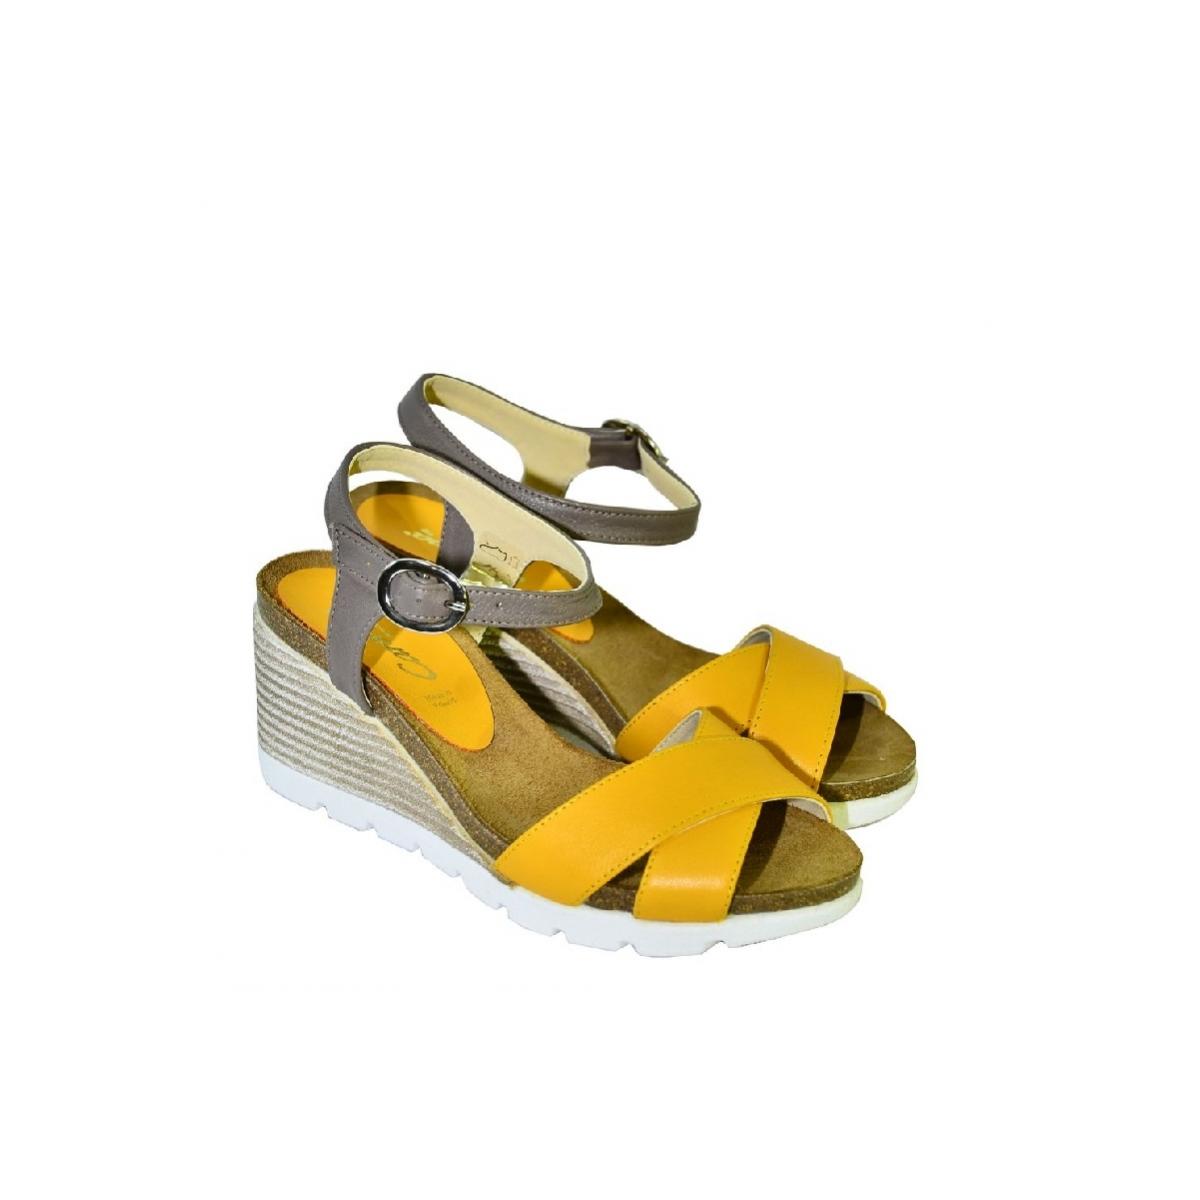 a9bda0f9d897 Žlté kožené sandále na klinovom opätku Carsona LARA - 2